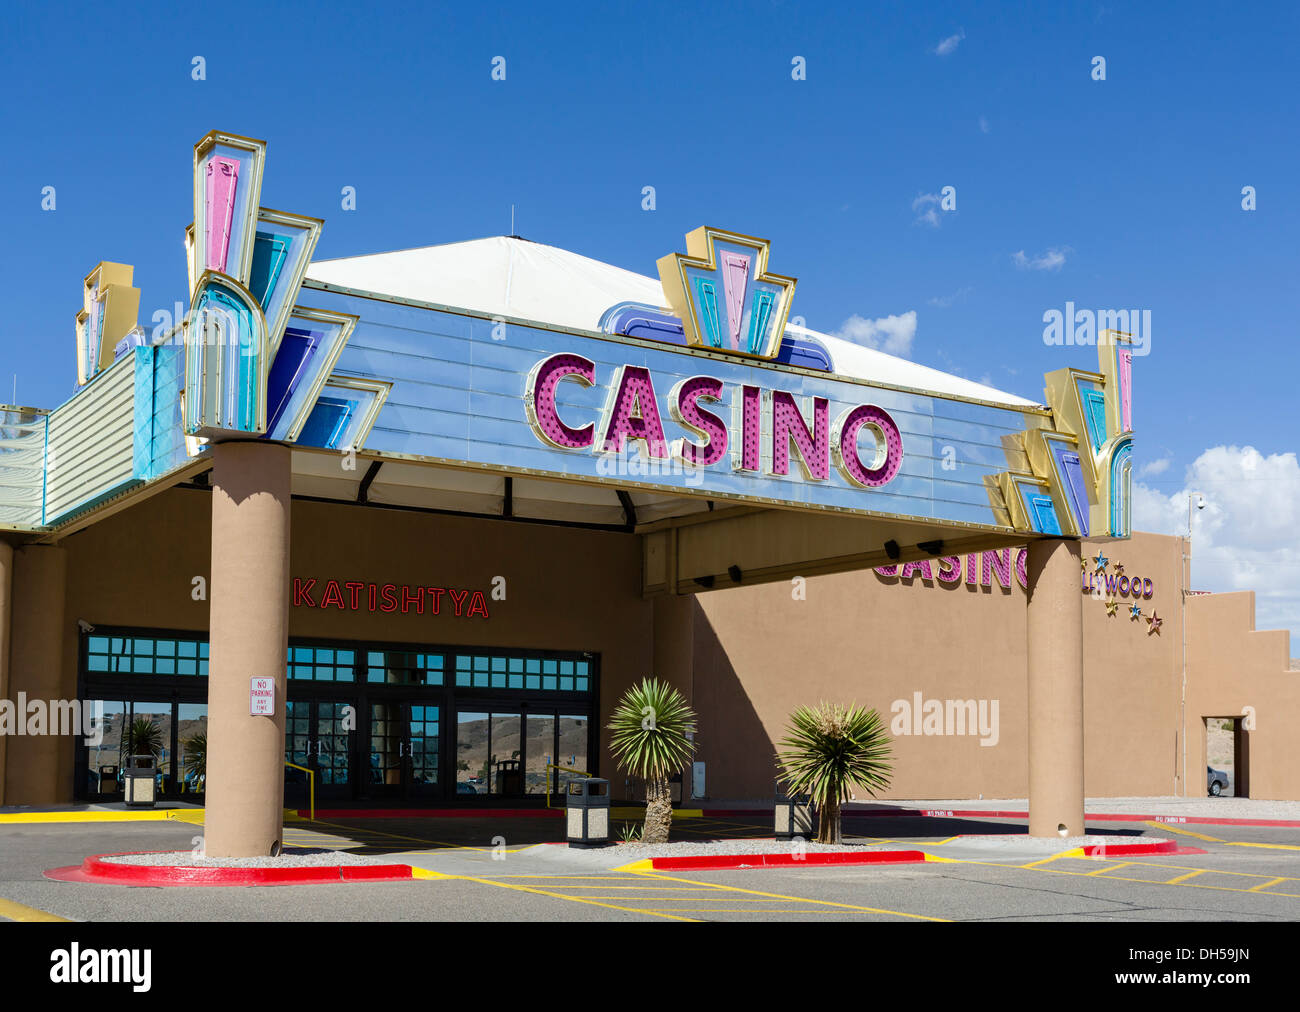 Sven play casino